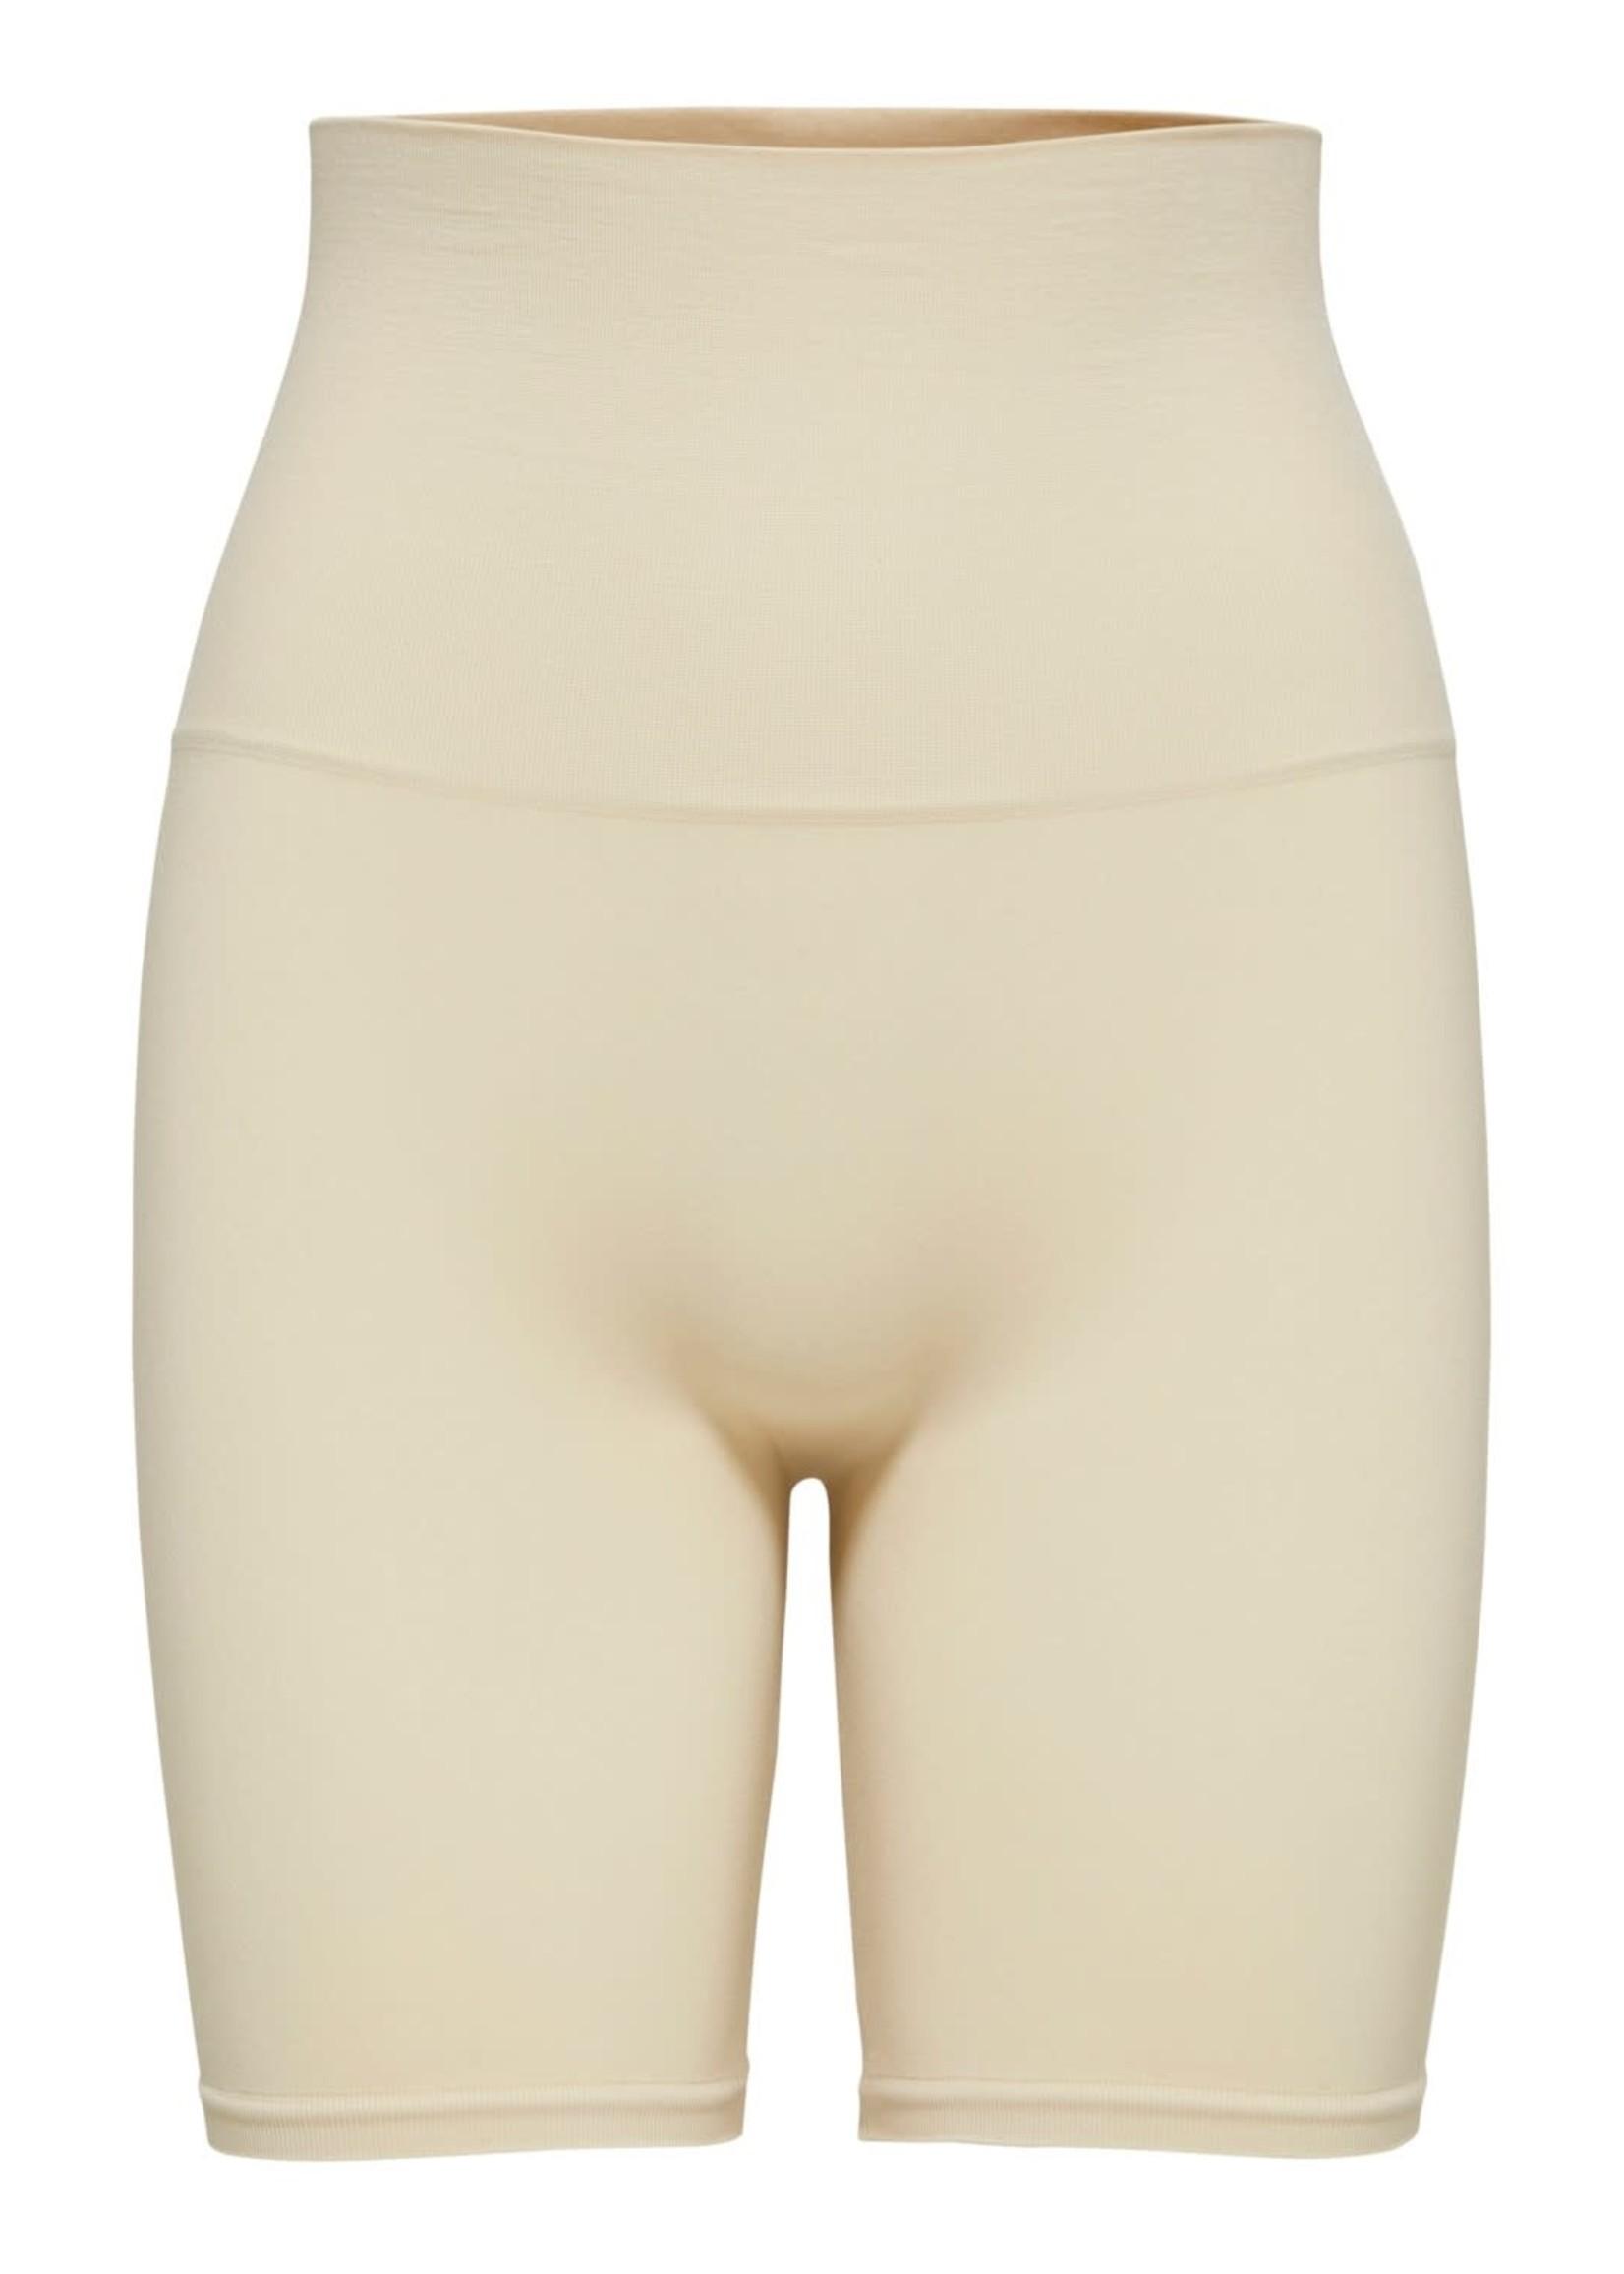 Selected Femme Shapewear Shorts B black and sandshell